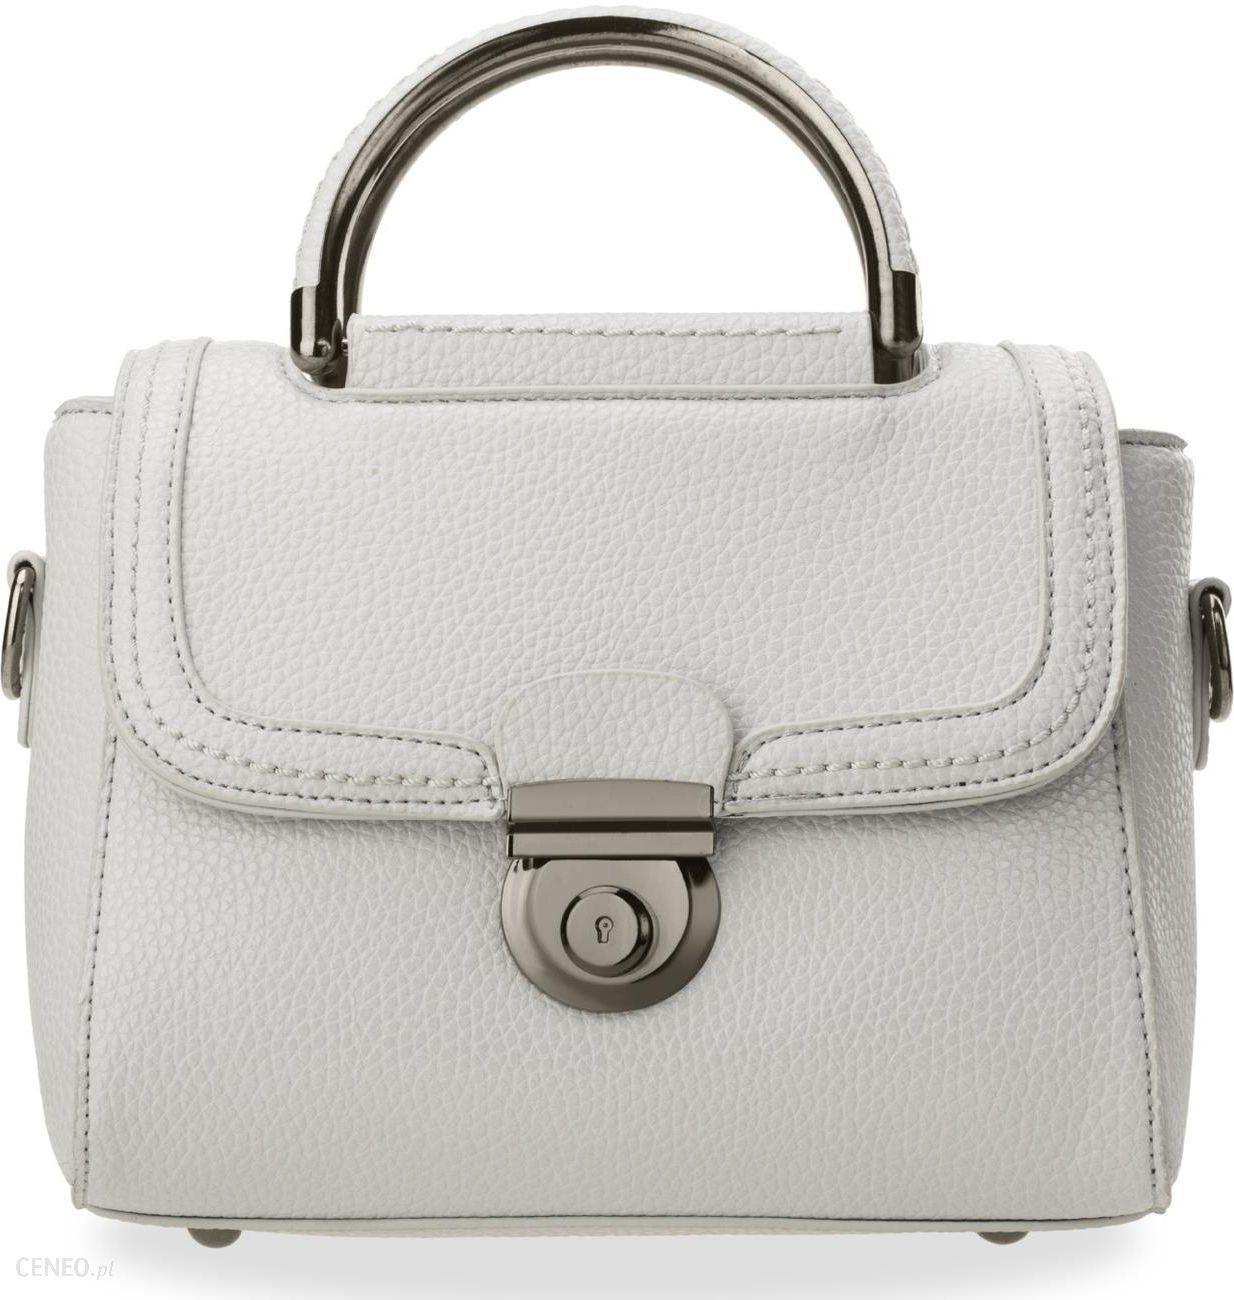 8f915ceb67fb6 Mały gustowny kuferek torebka damska do ręki i na ramię - popielaty -  zdjęcie 1